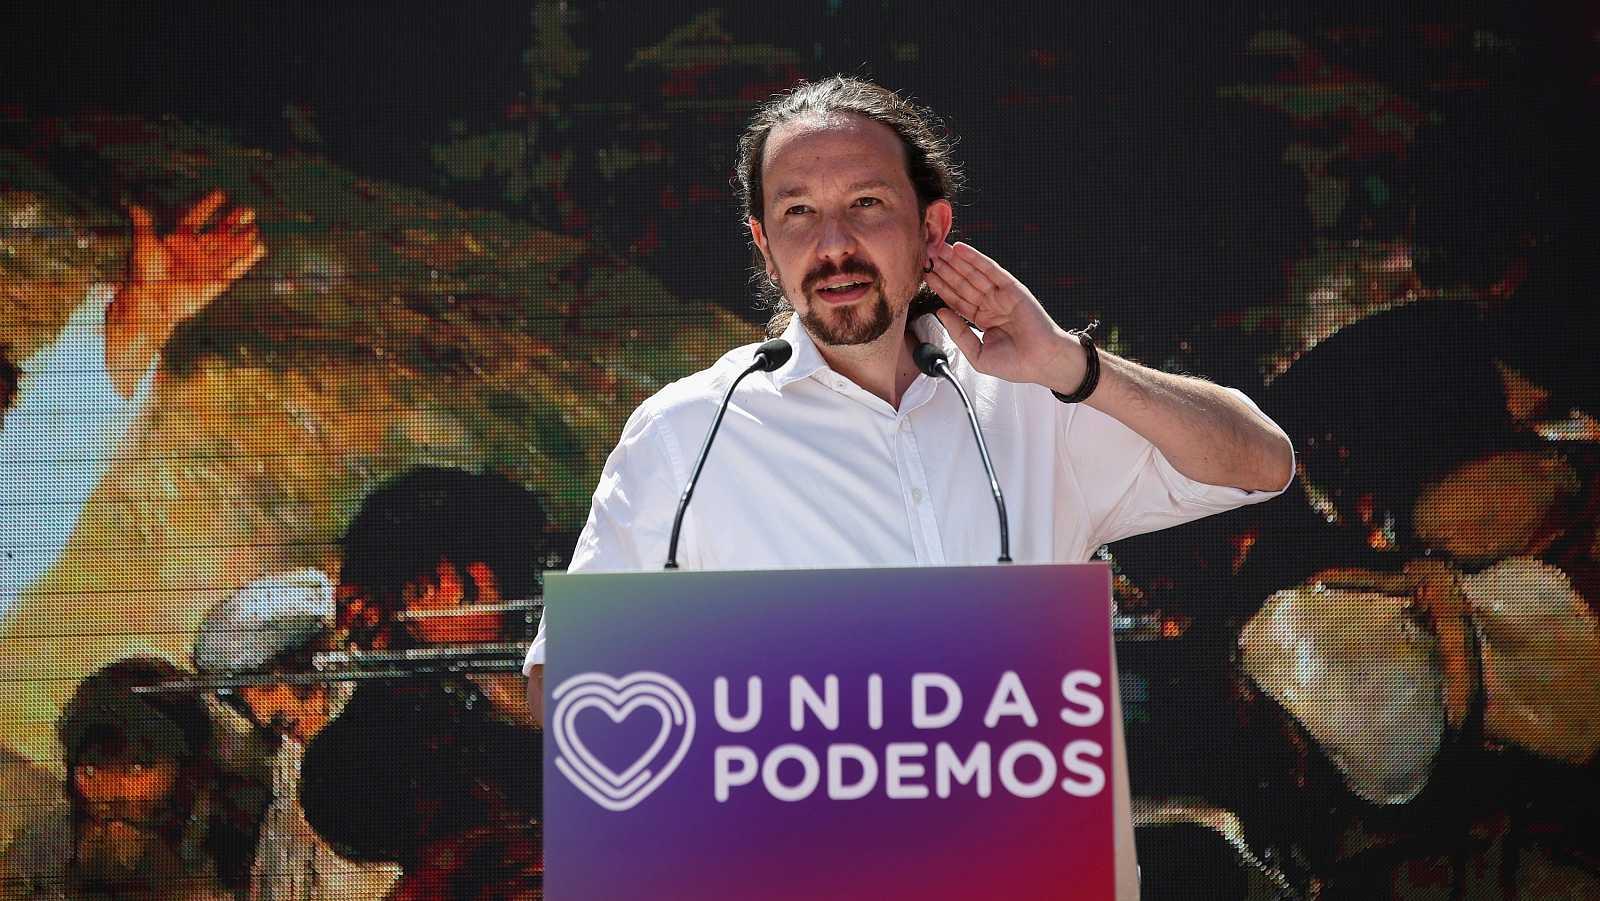 Las mañanas de RNE con Íñigo Alfonso - La frenética carrera política de Pablo Iglesias: del 15M a la vicepresidencia del Gobierno - Escuchar ahora